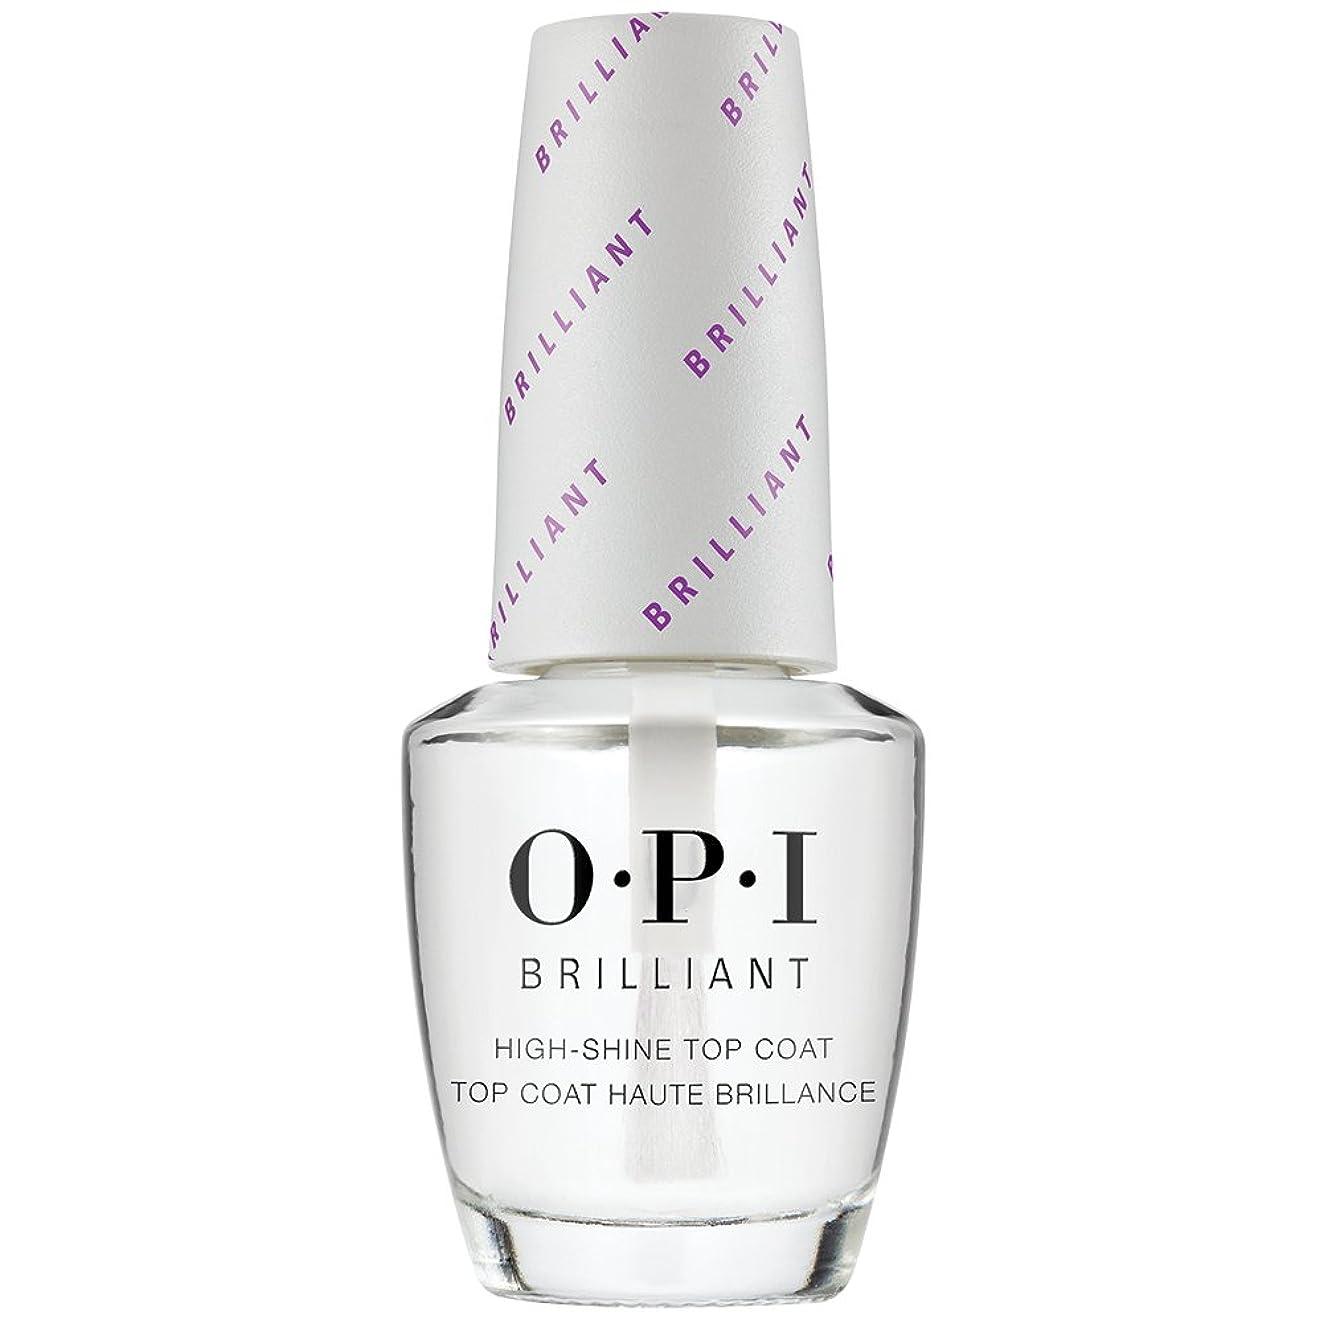 硬化する露出度の高い降臨OPI(オーピーアイ) オーピーアイ ブリリアント トップコート